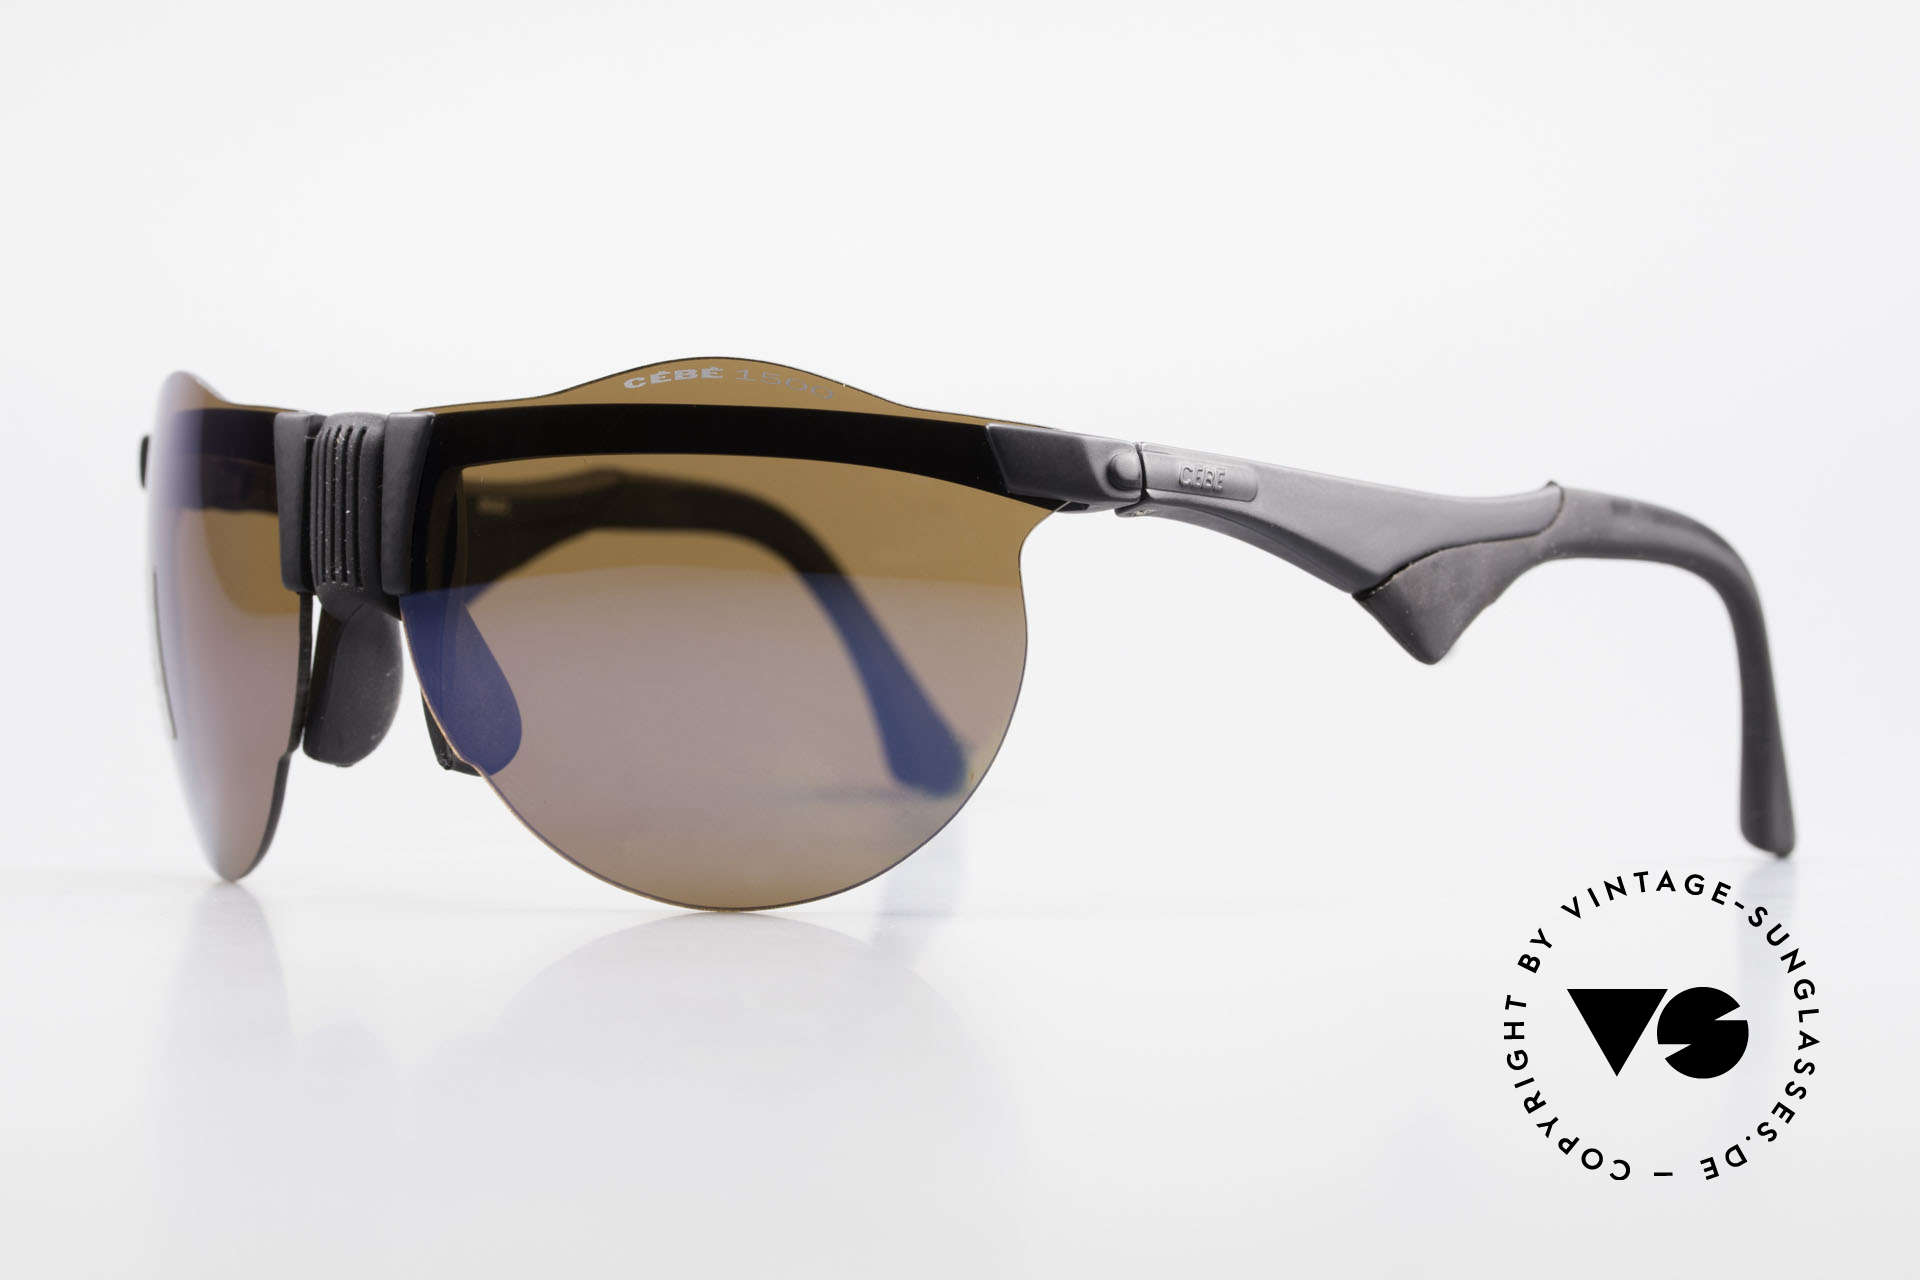 Cebe 1943 Alte Rennfahrer Sonnenbrille, ultra hart getestet durch die afrikanische Wüste, Passend für Herren und Damen